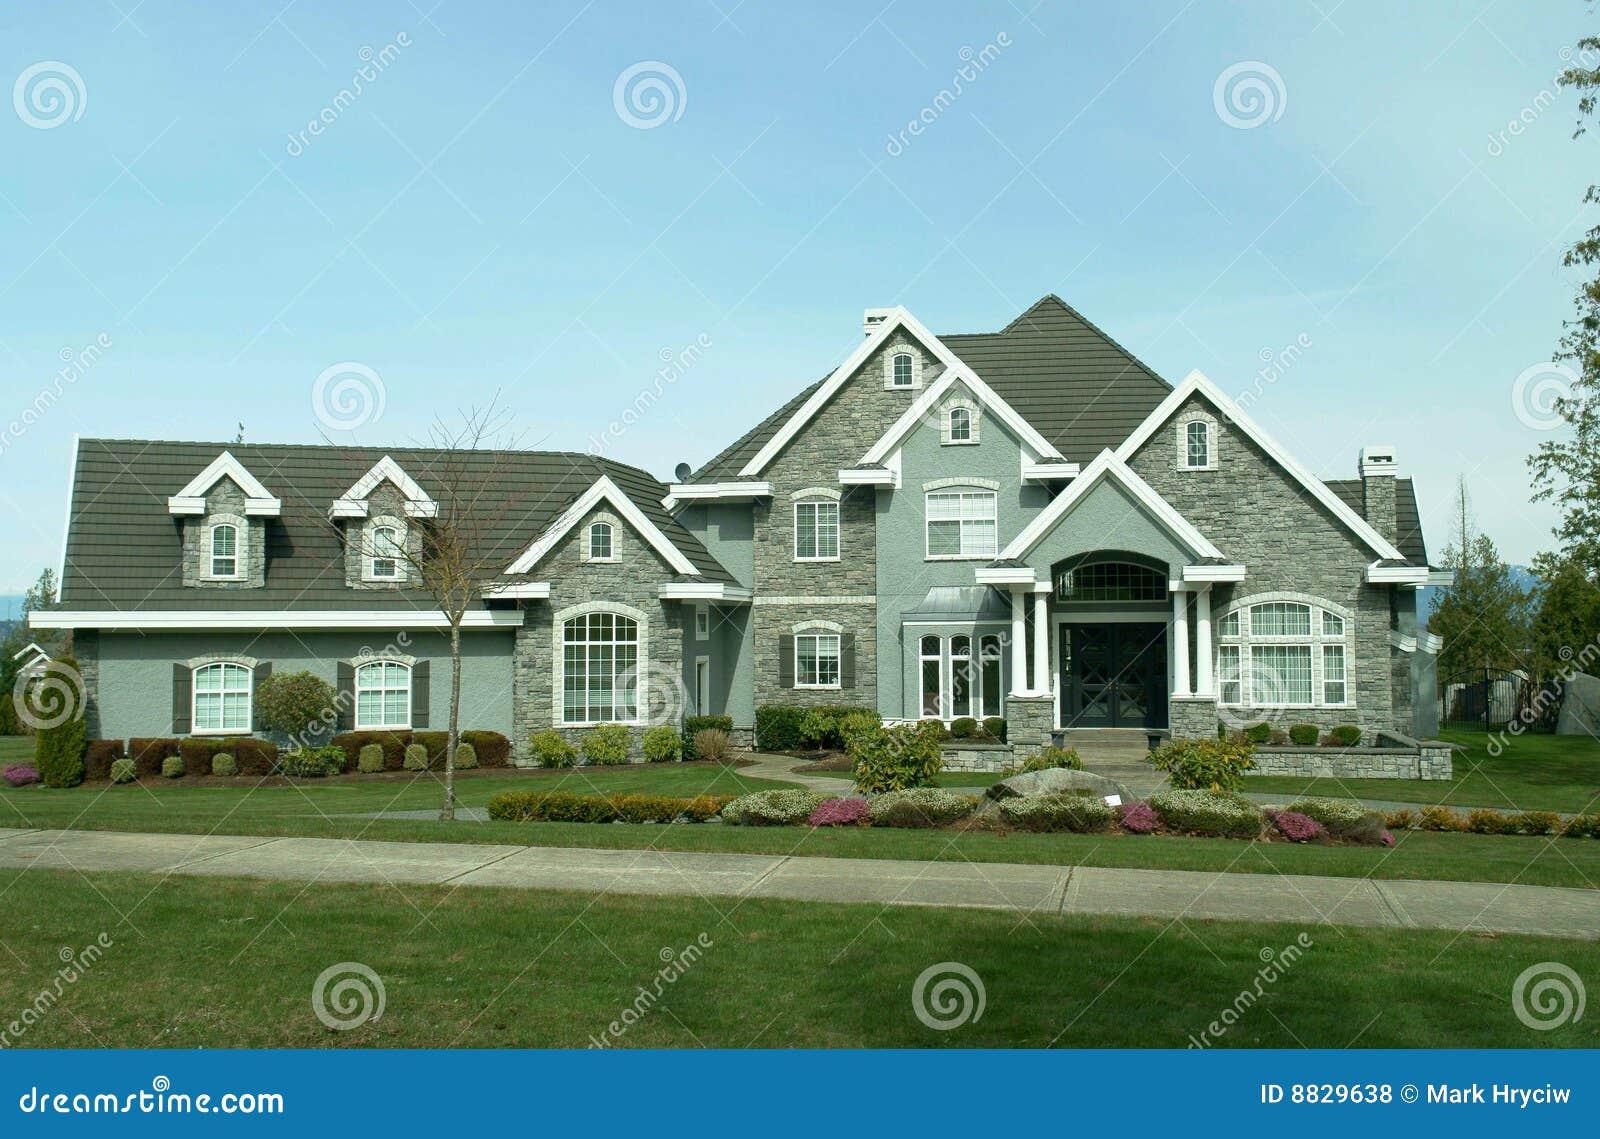 Large Suburban House Stock Photo Image Of Details